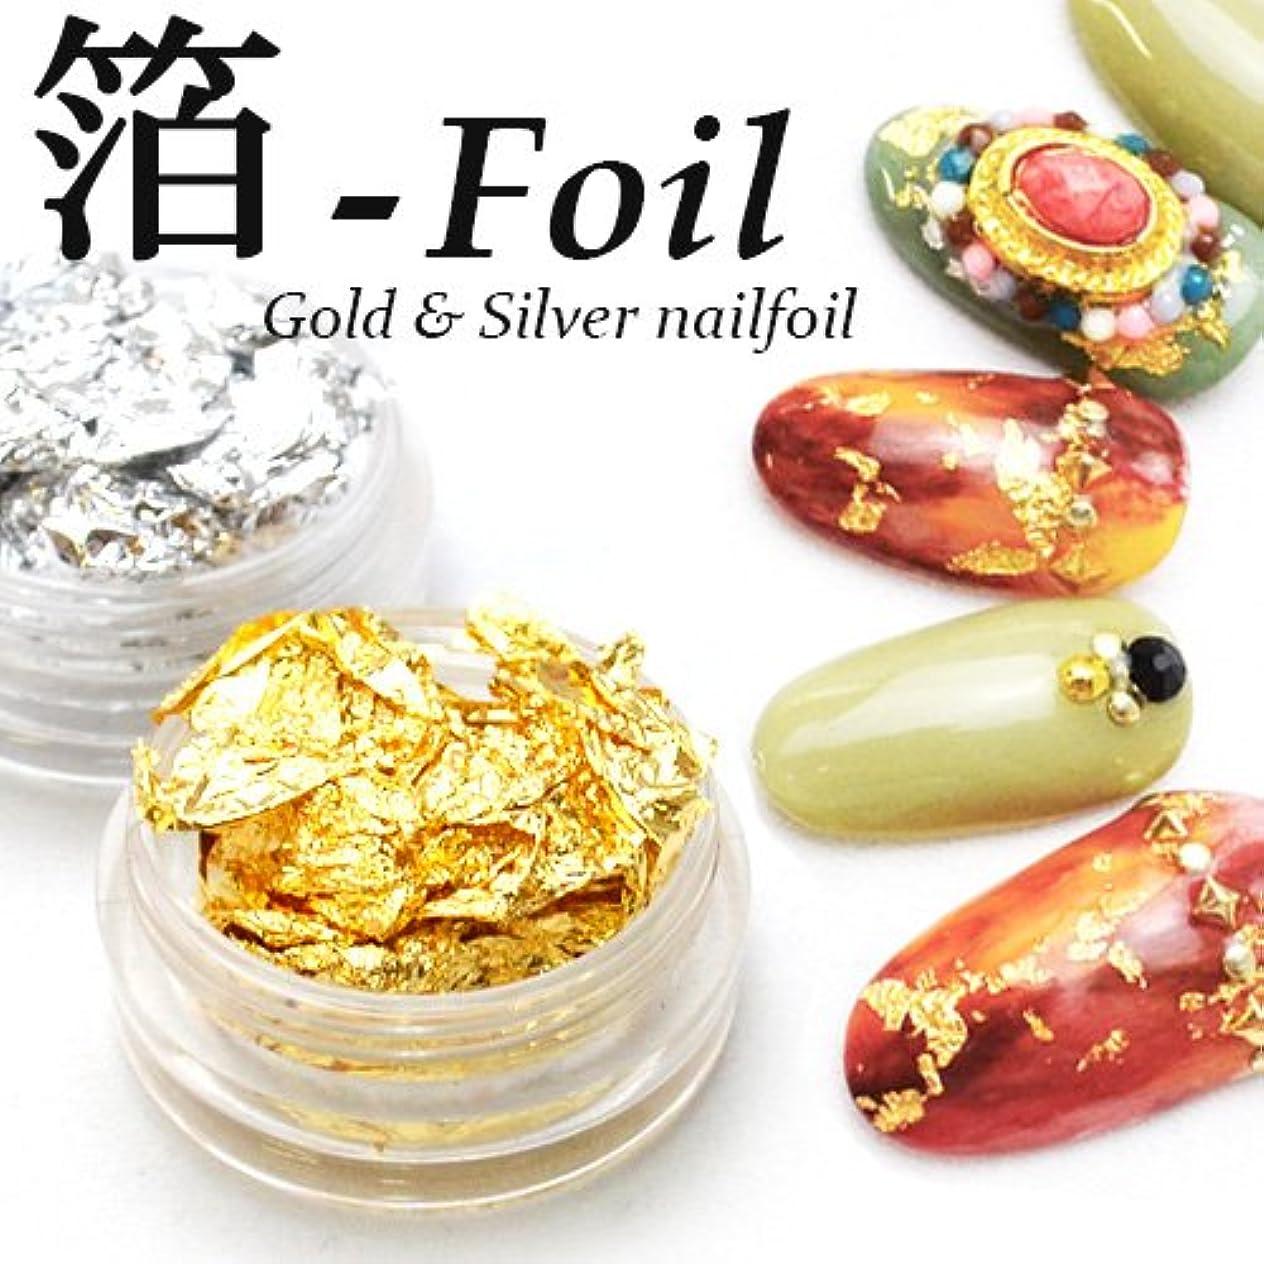 コショウ製品瞑想する金箔 ケース入り ジェルネイル用品 ゴールド